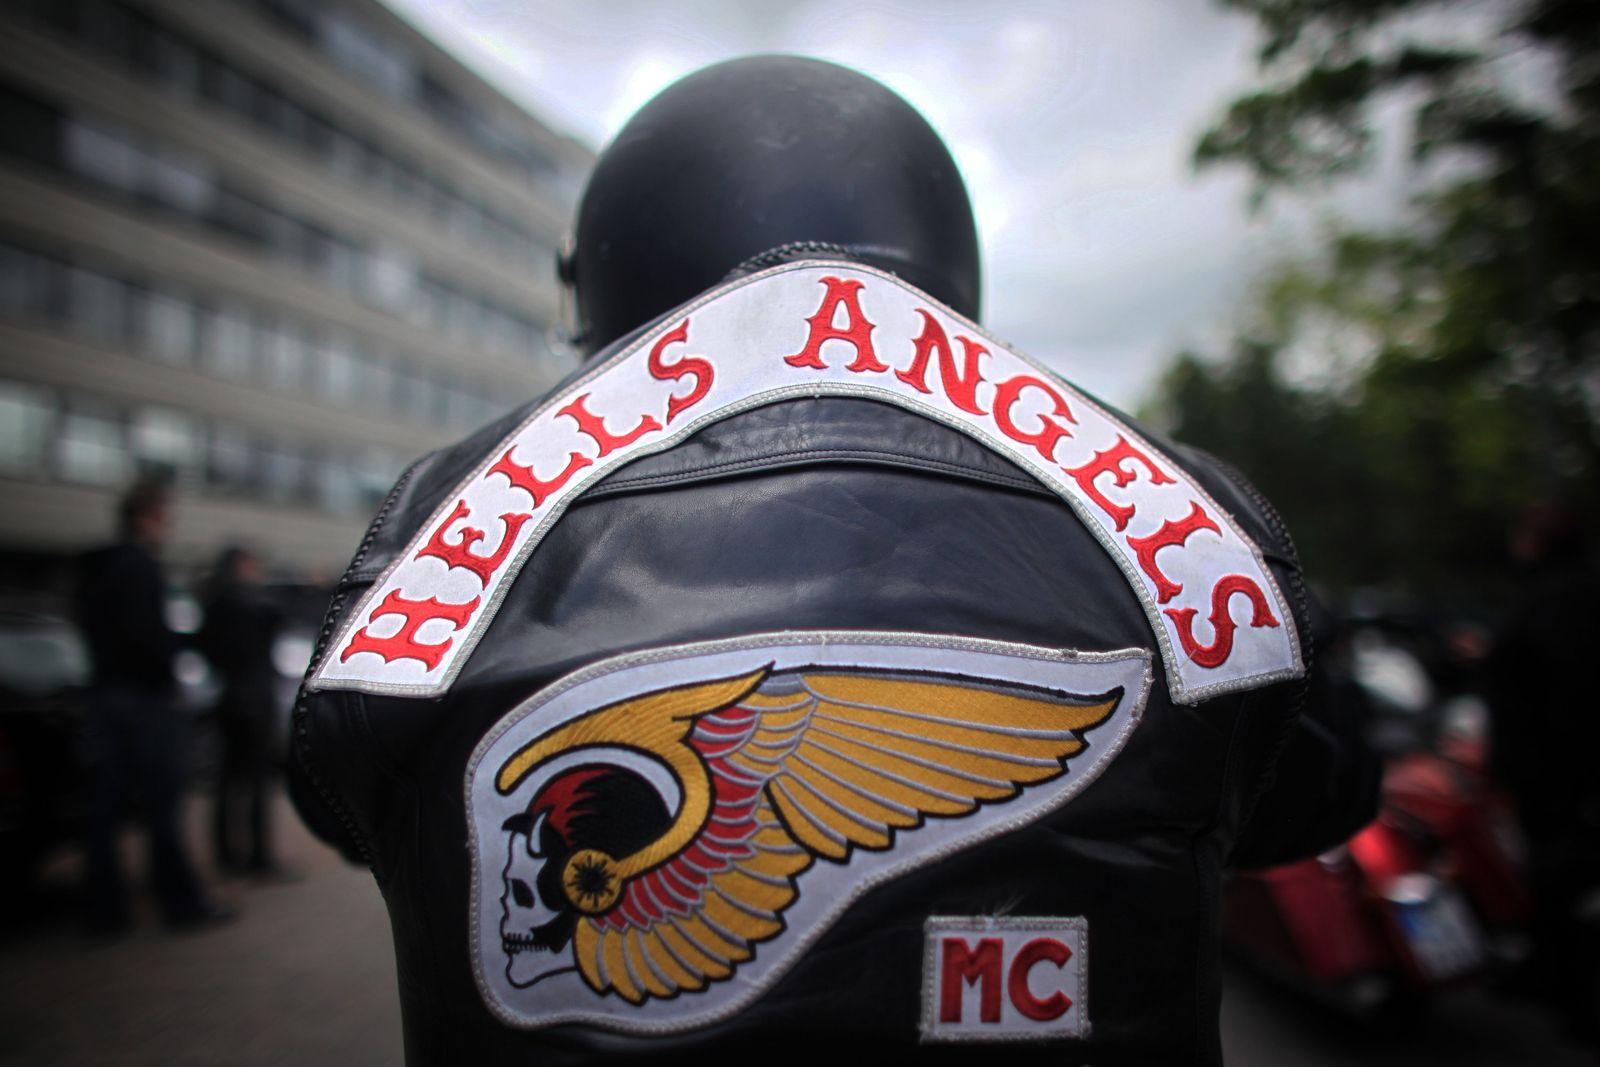 Rocker/ Hells Angels